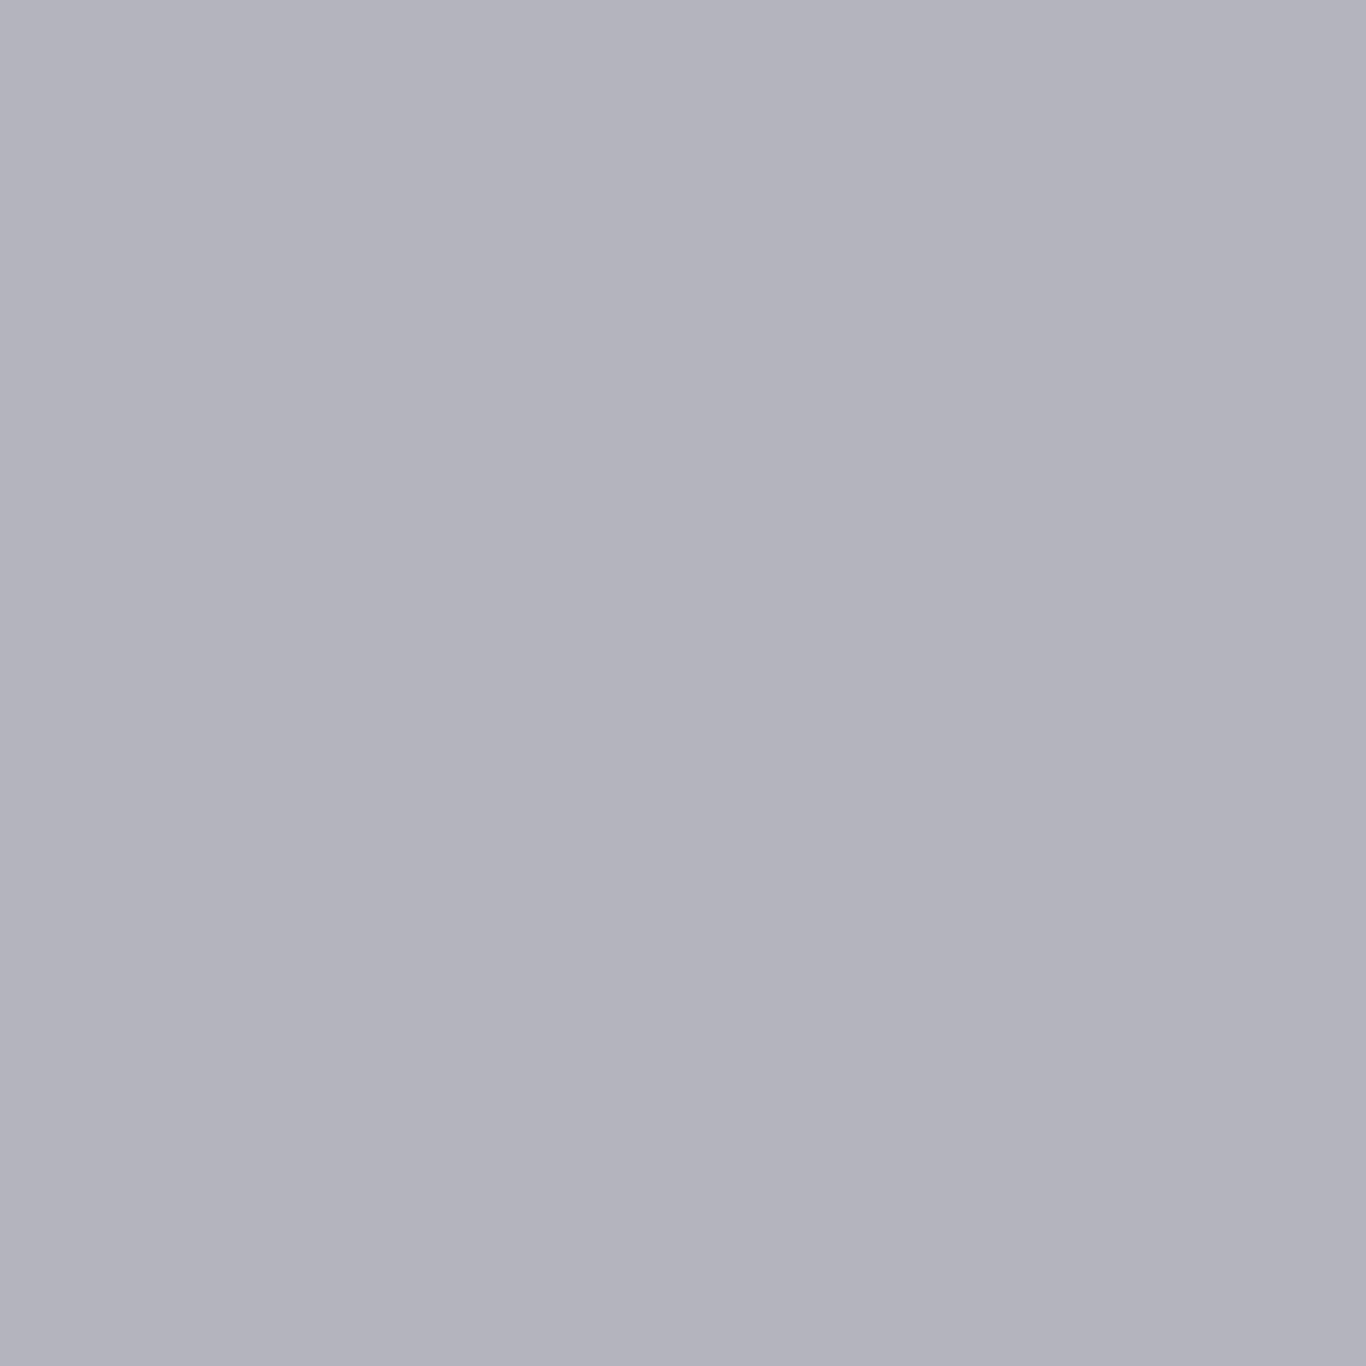 Zoffany Paint Quartz Grey